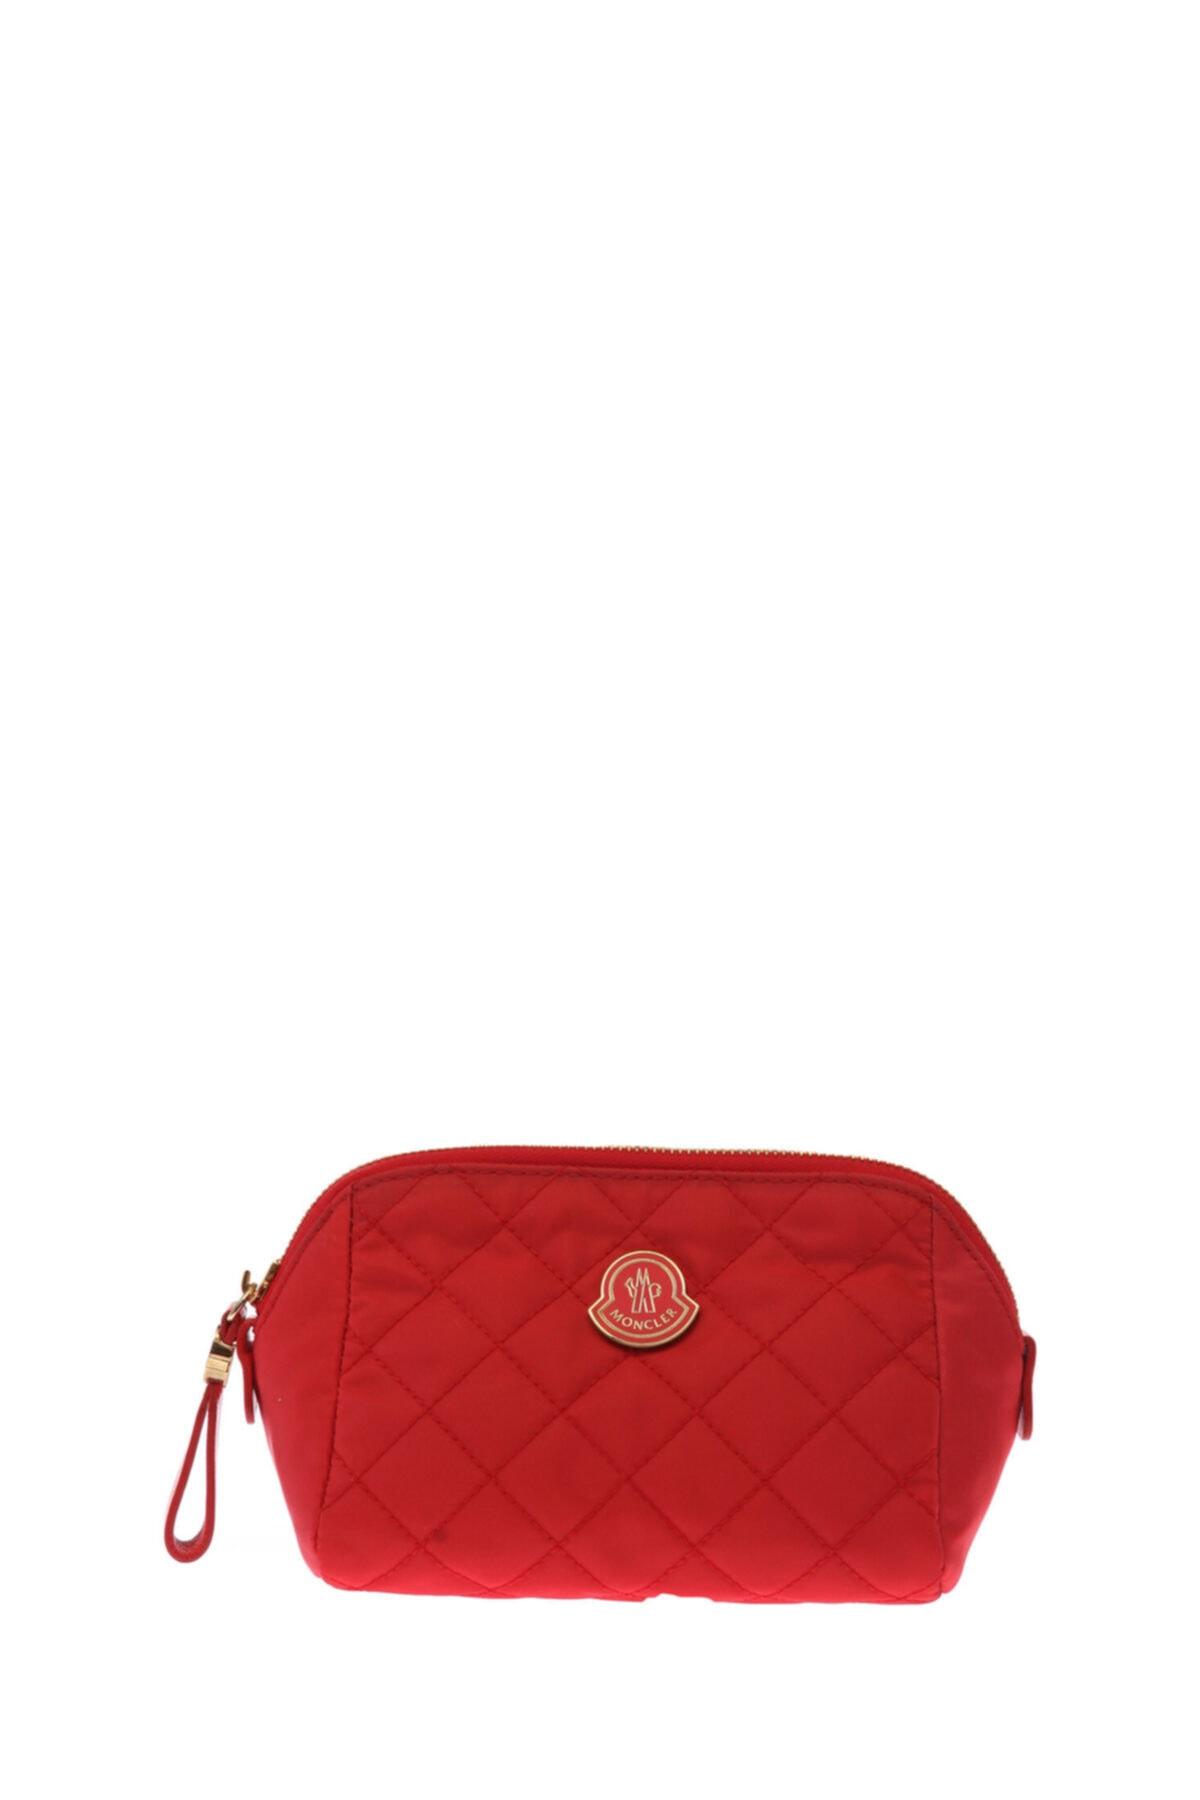 Kadın Çanta Kırmızı